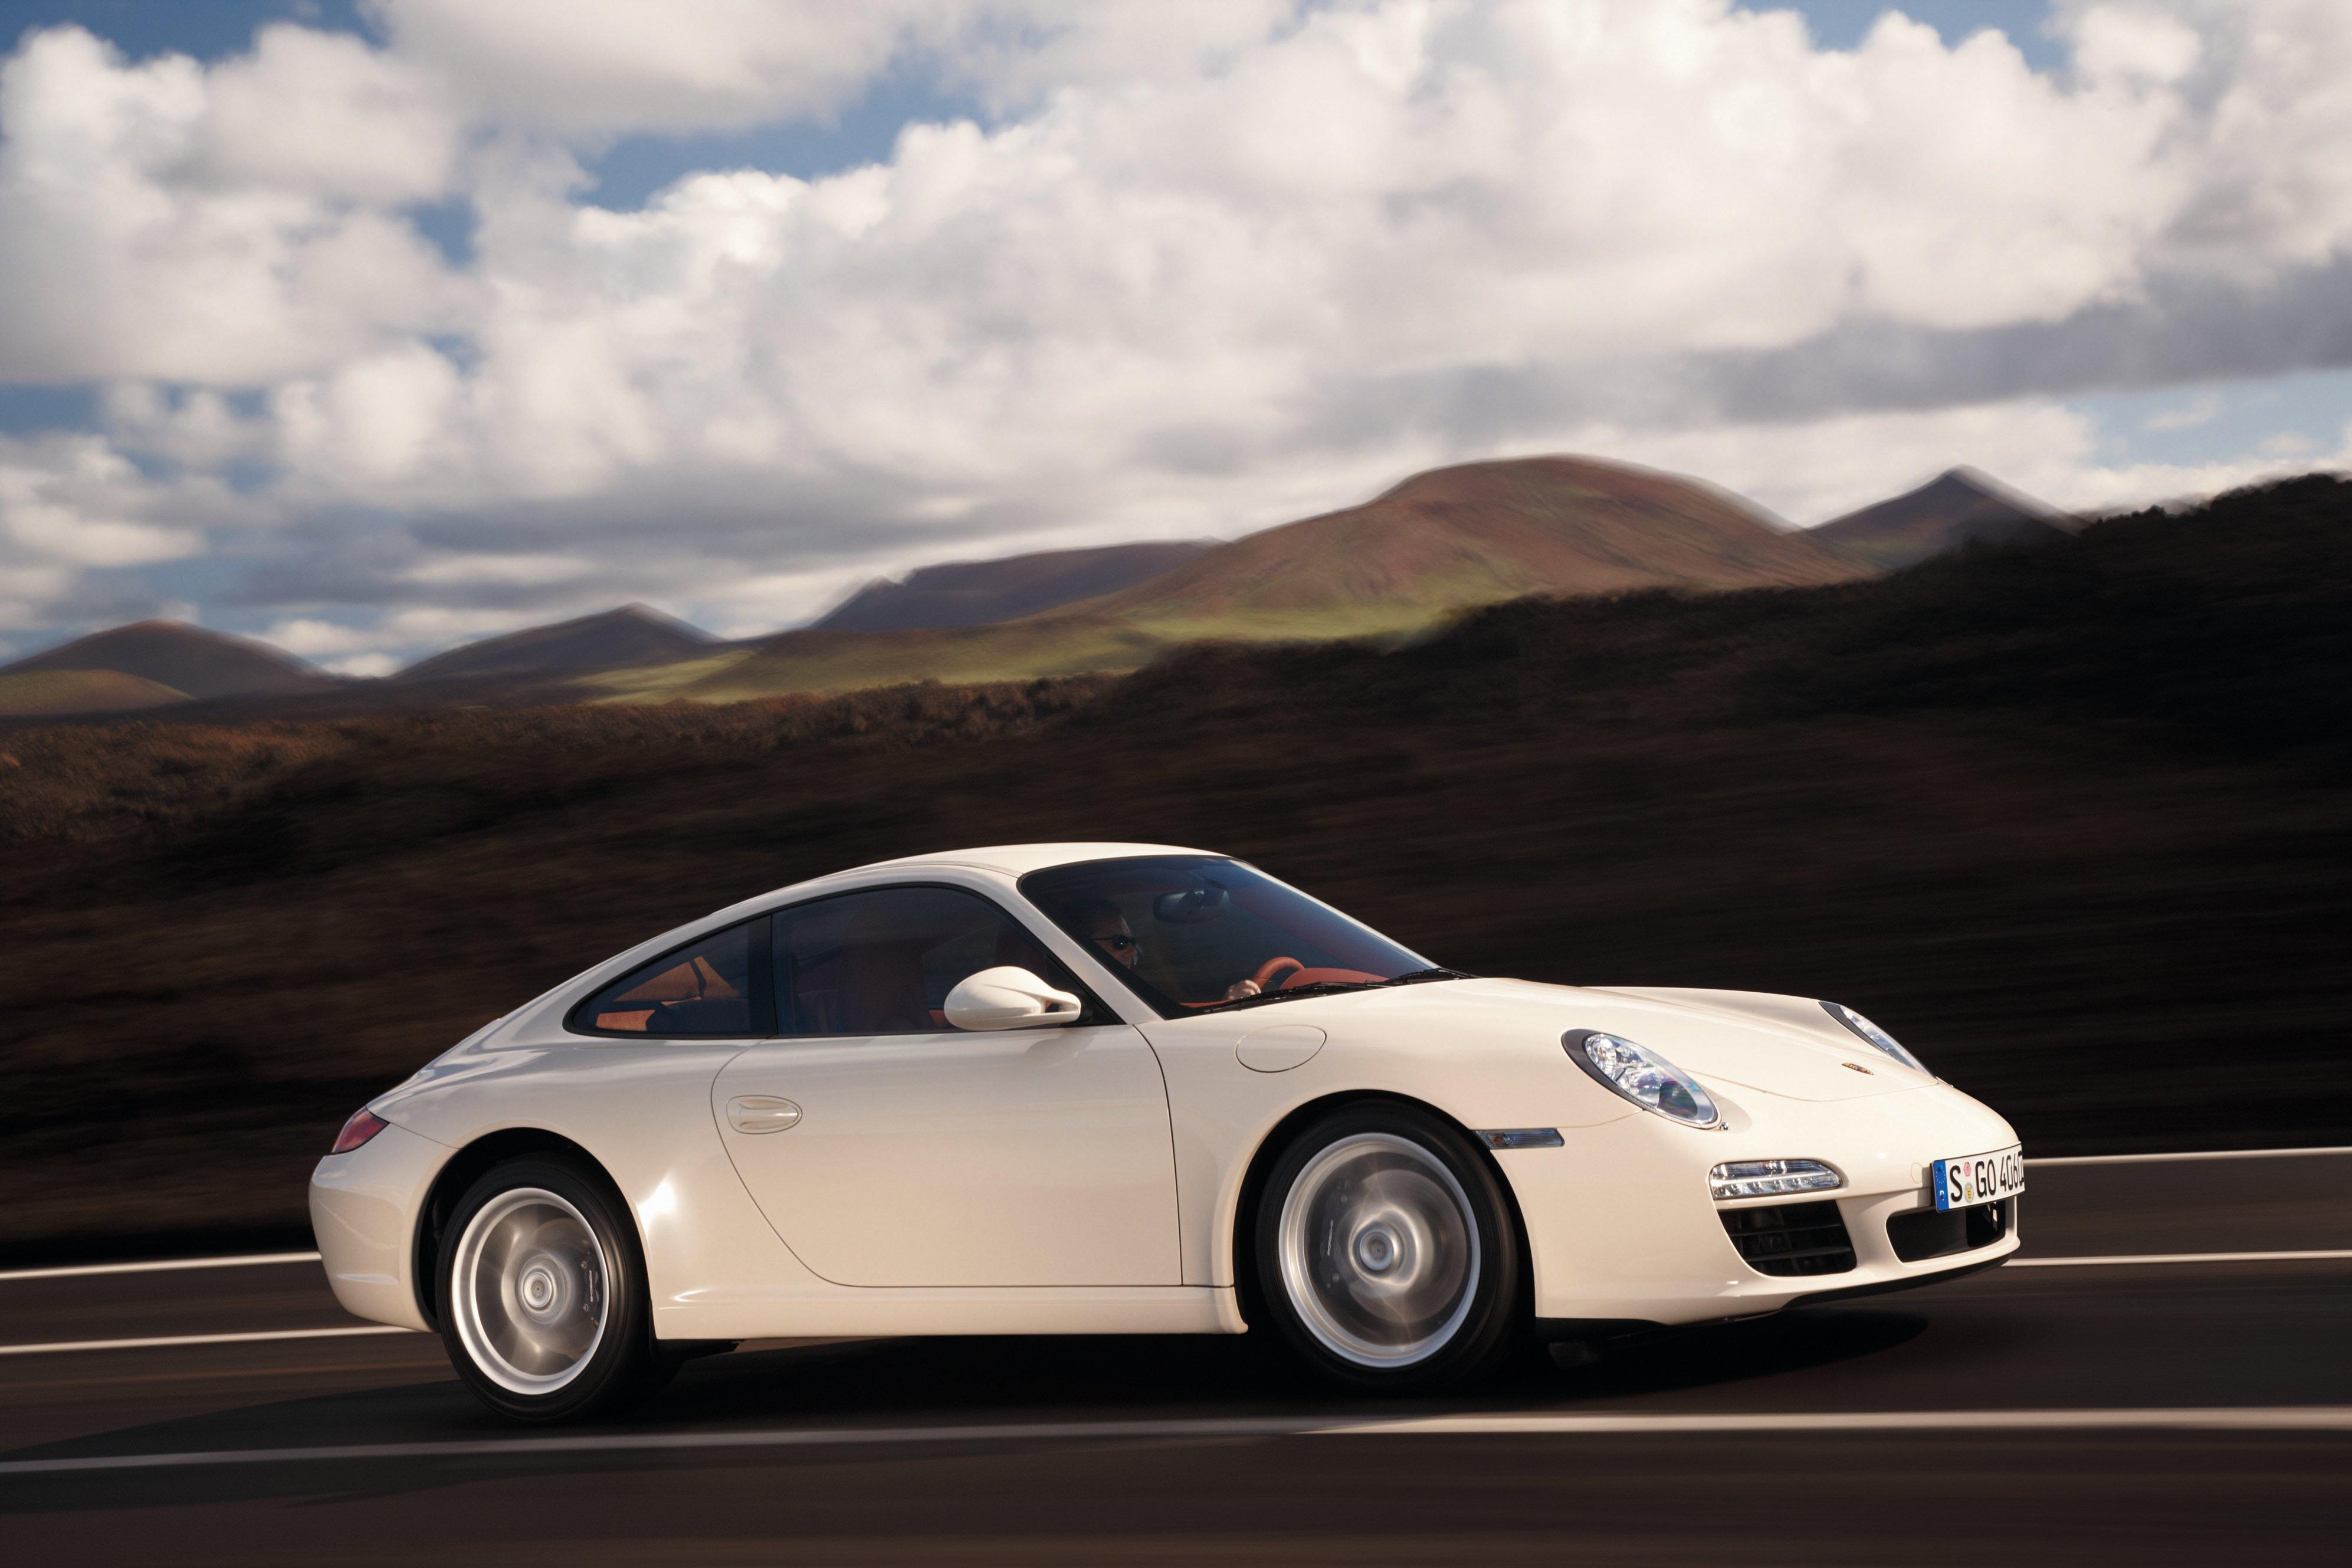 Porsche  Porsche-911-carrera-27-02